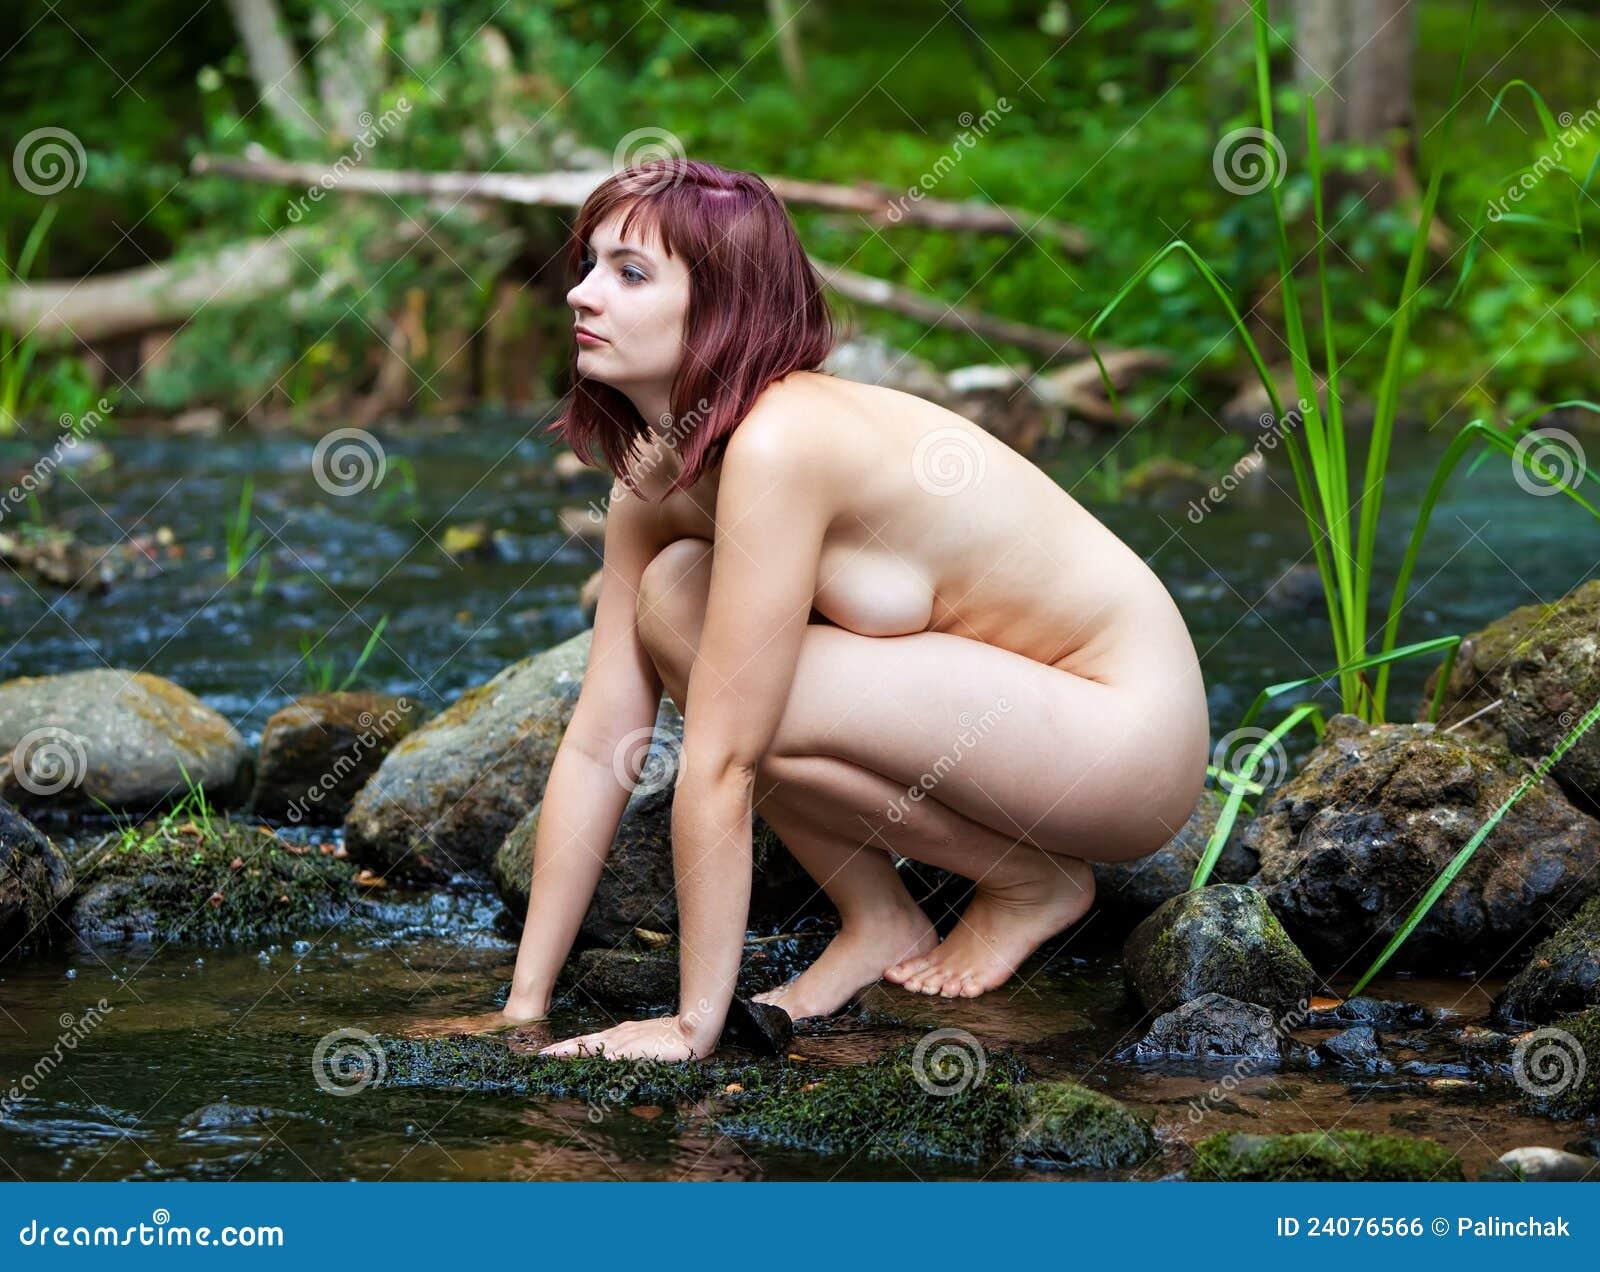 Looking girl junior nudist beauty comp geil